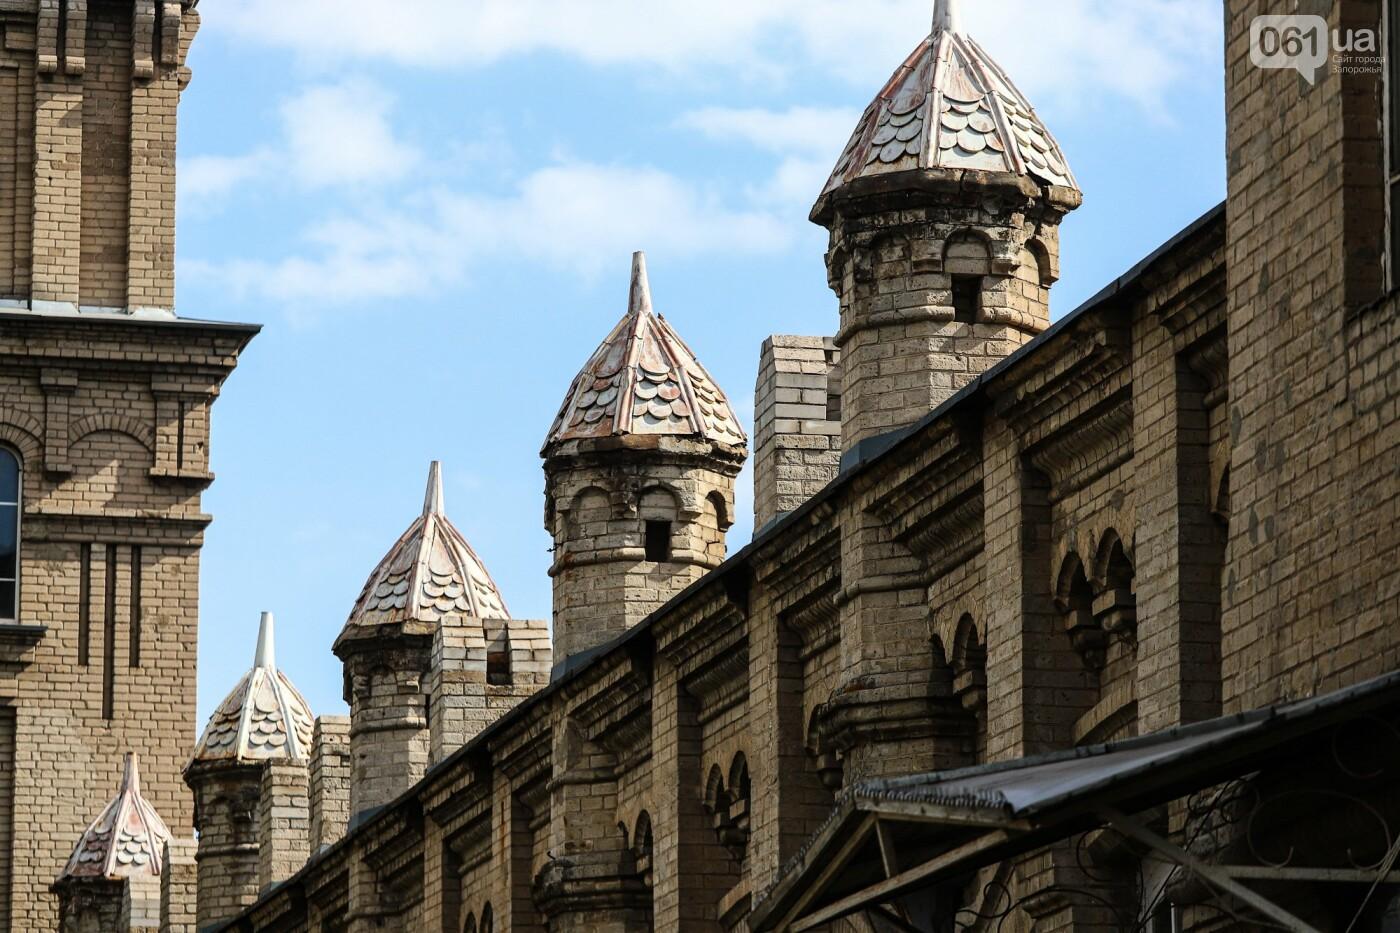 Памятники Старого Александровска: как сейчас выглядит здание первой в городе электростанции, - ФОТО, фото-8